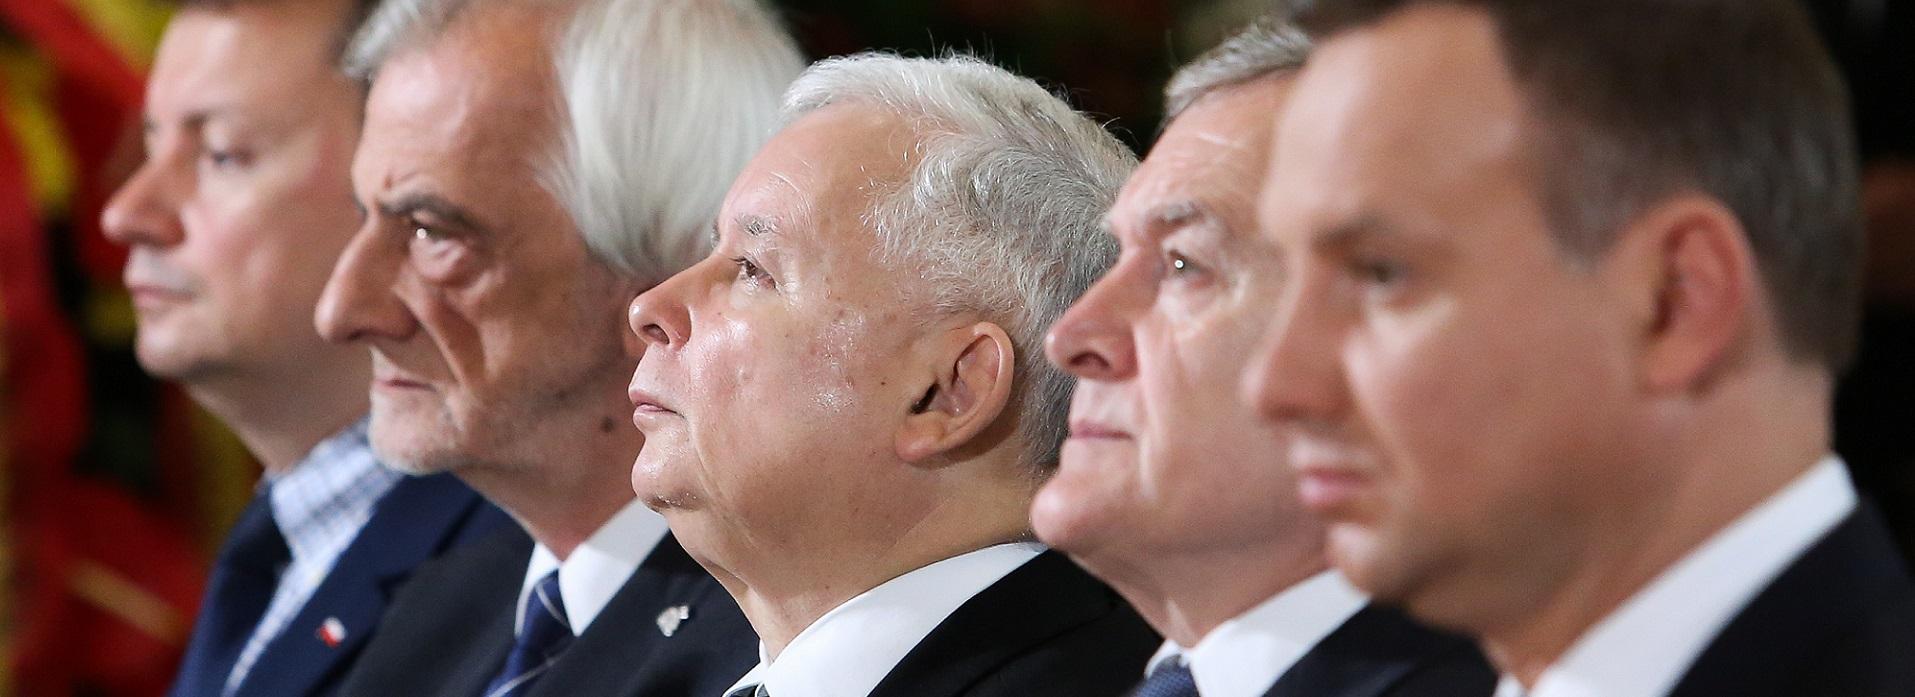 Jarosław Kaczyński: Zjednoczona Prawica jednością jest